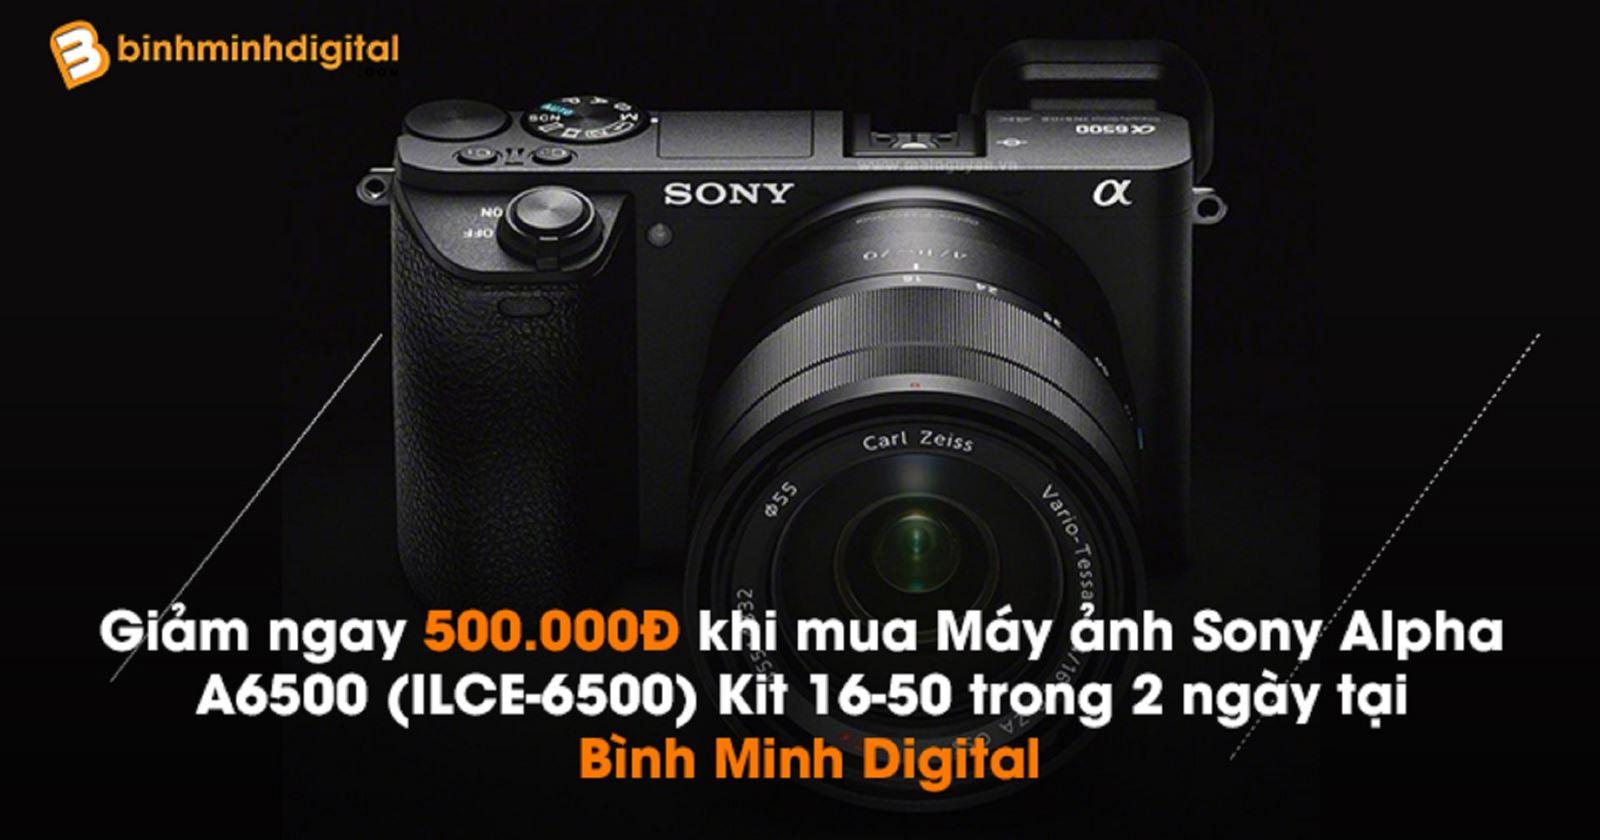 Giảm ngay 500.000Đ khi mua Máy ảnh Sony Alpha A6500 (ILCE-6500) Kit 16-50 trong hai ngày tại Bình Minh Digital